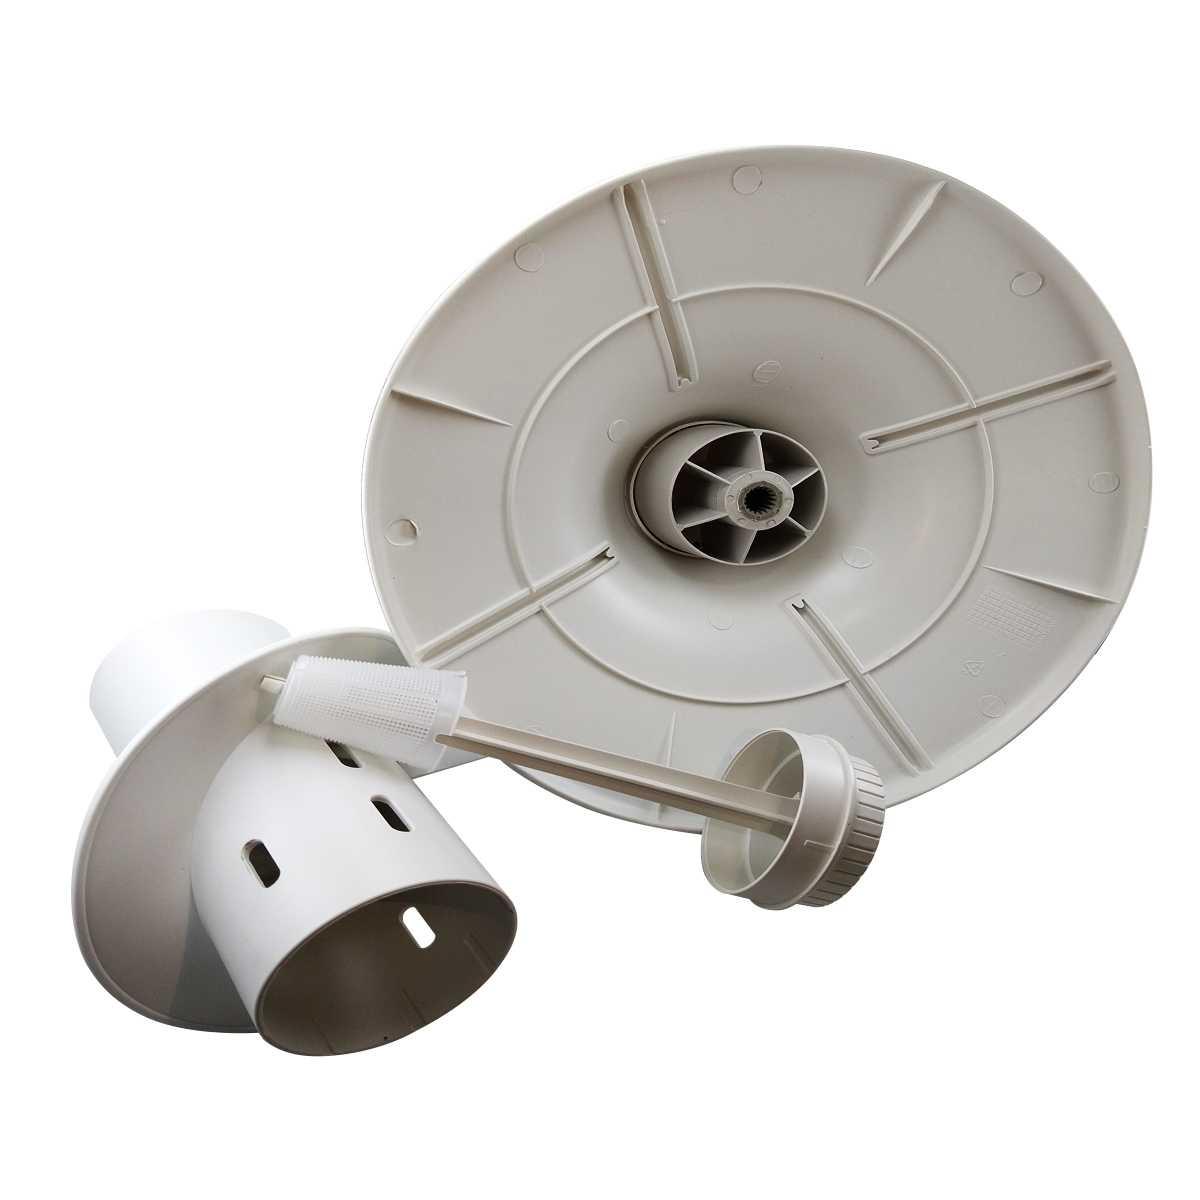 Agitador Lavadora Electrolux com Filtro, Bucha e Parafuso